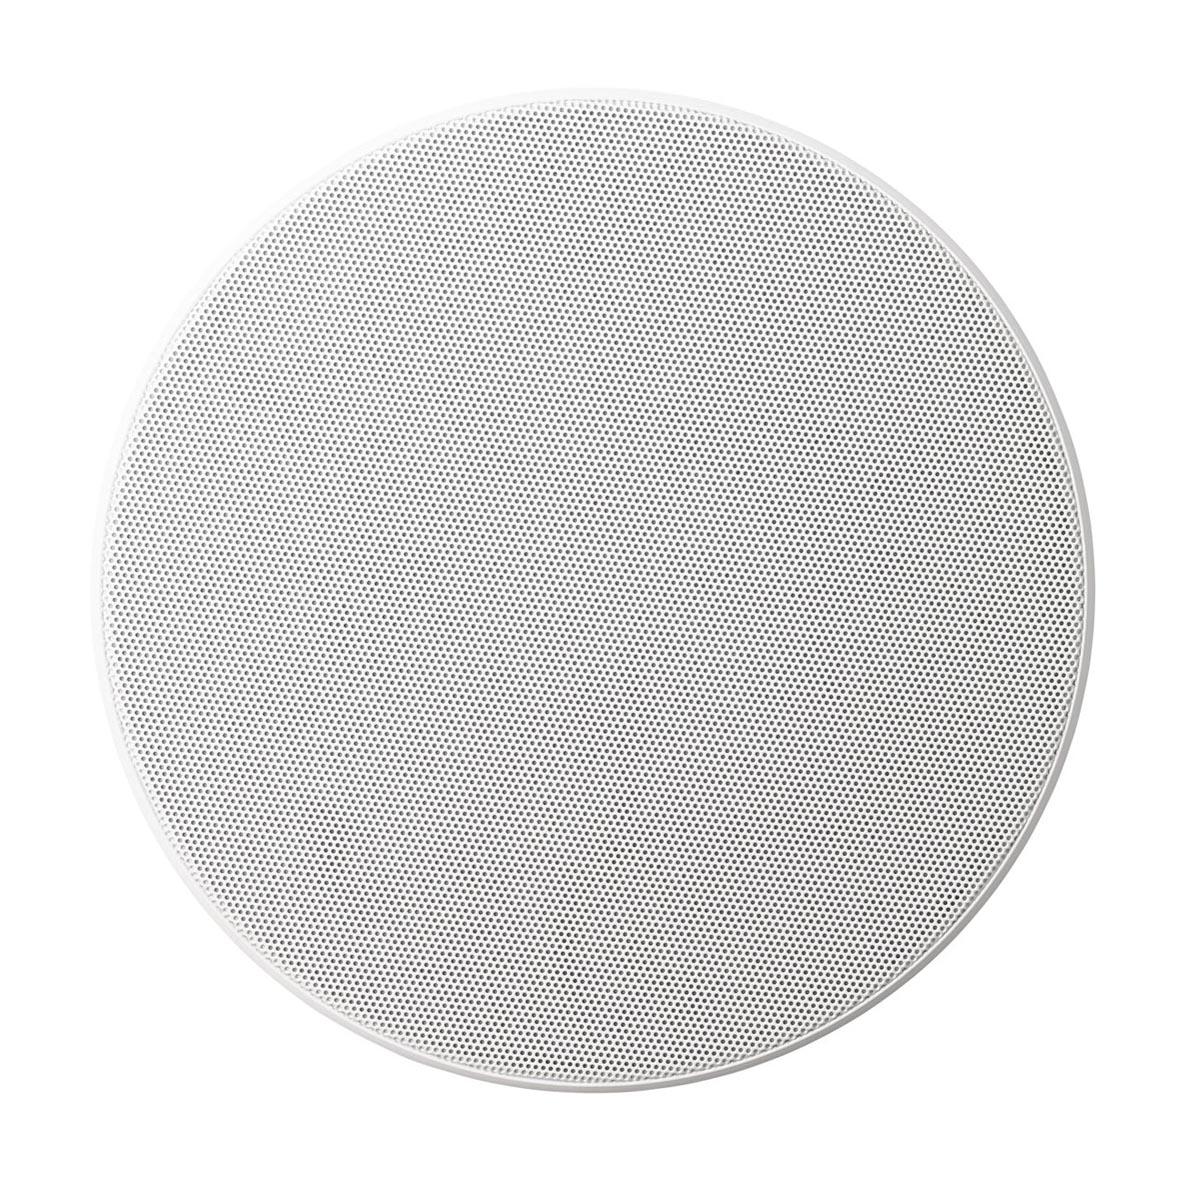 Dynaudio S4-C65 Decken-Einbaulautsprecher 2-Wege, weiß